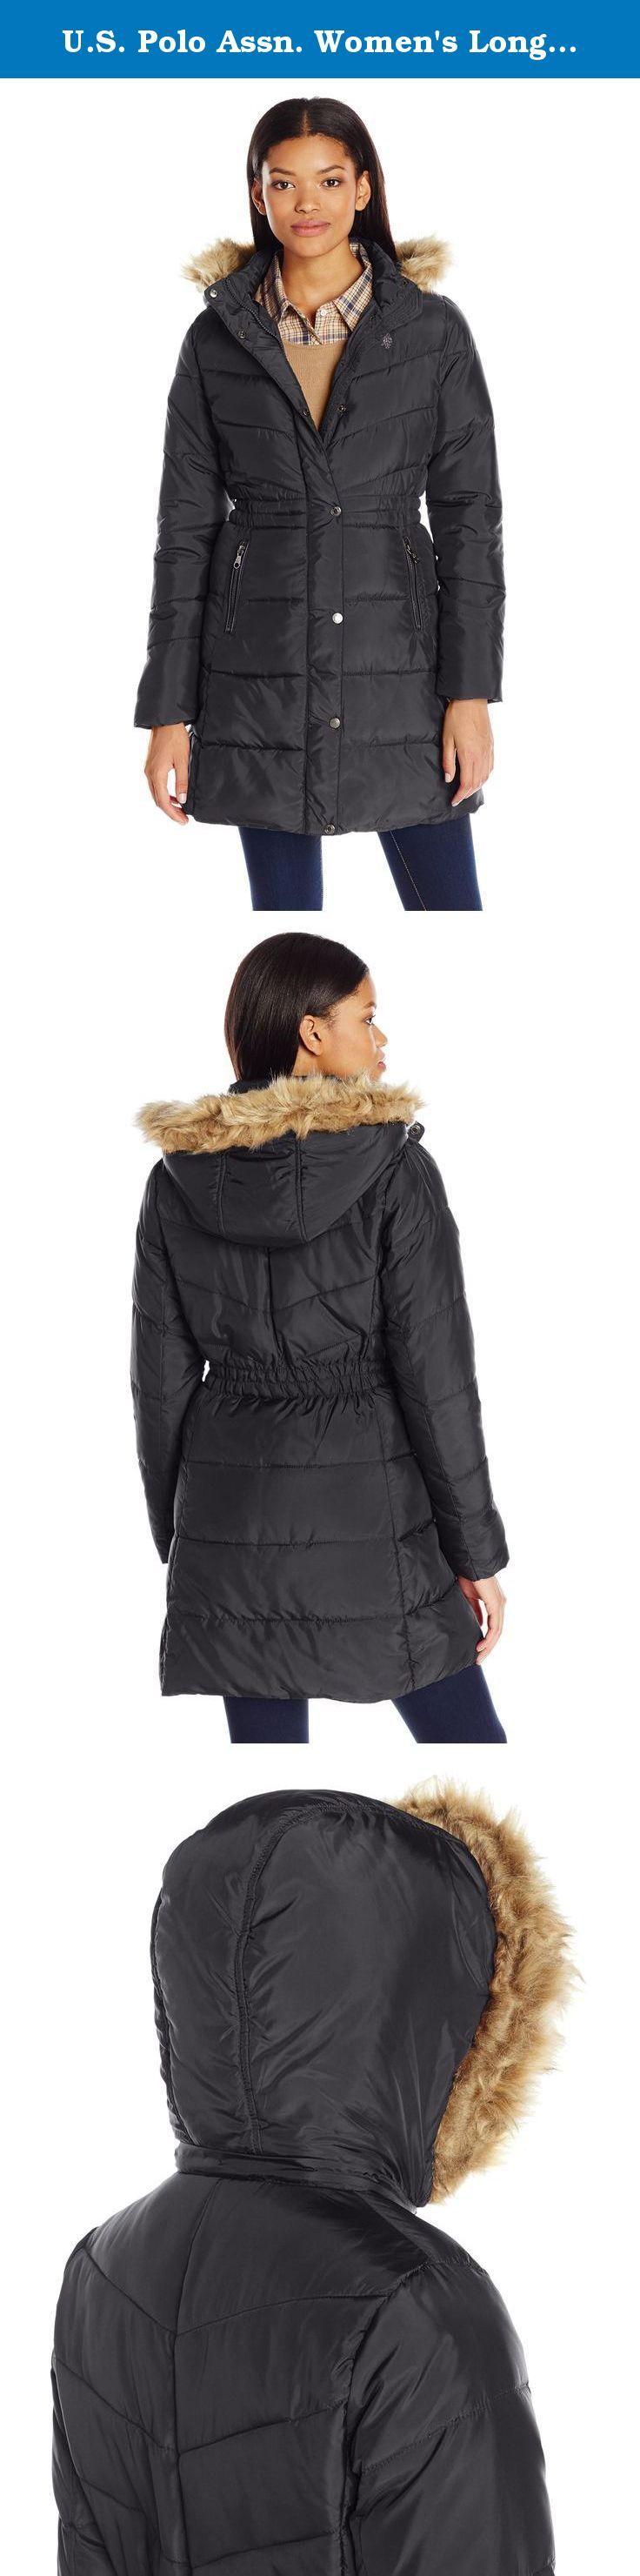 U.S. Polo Assn. Women's Long Puffer Coat with Faux Fur